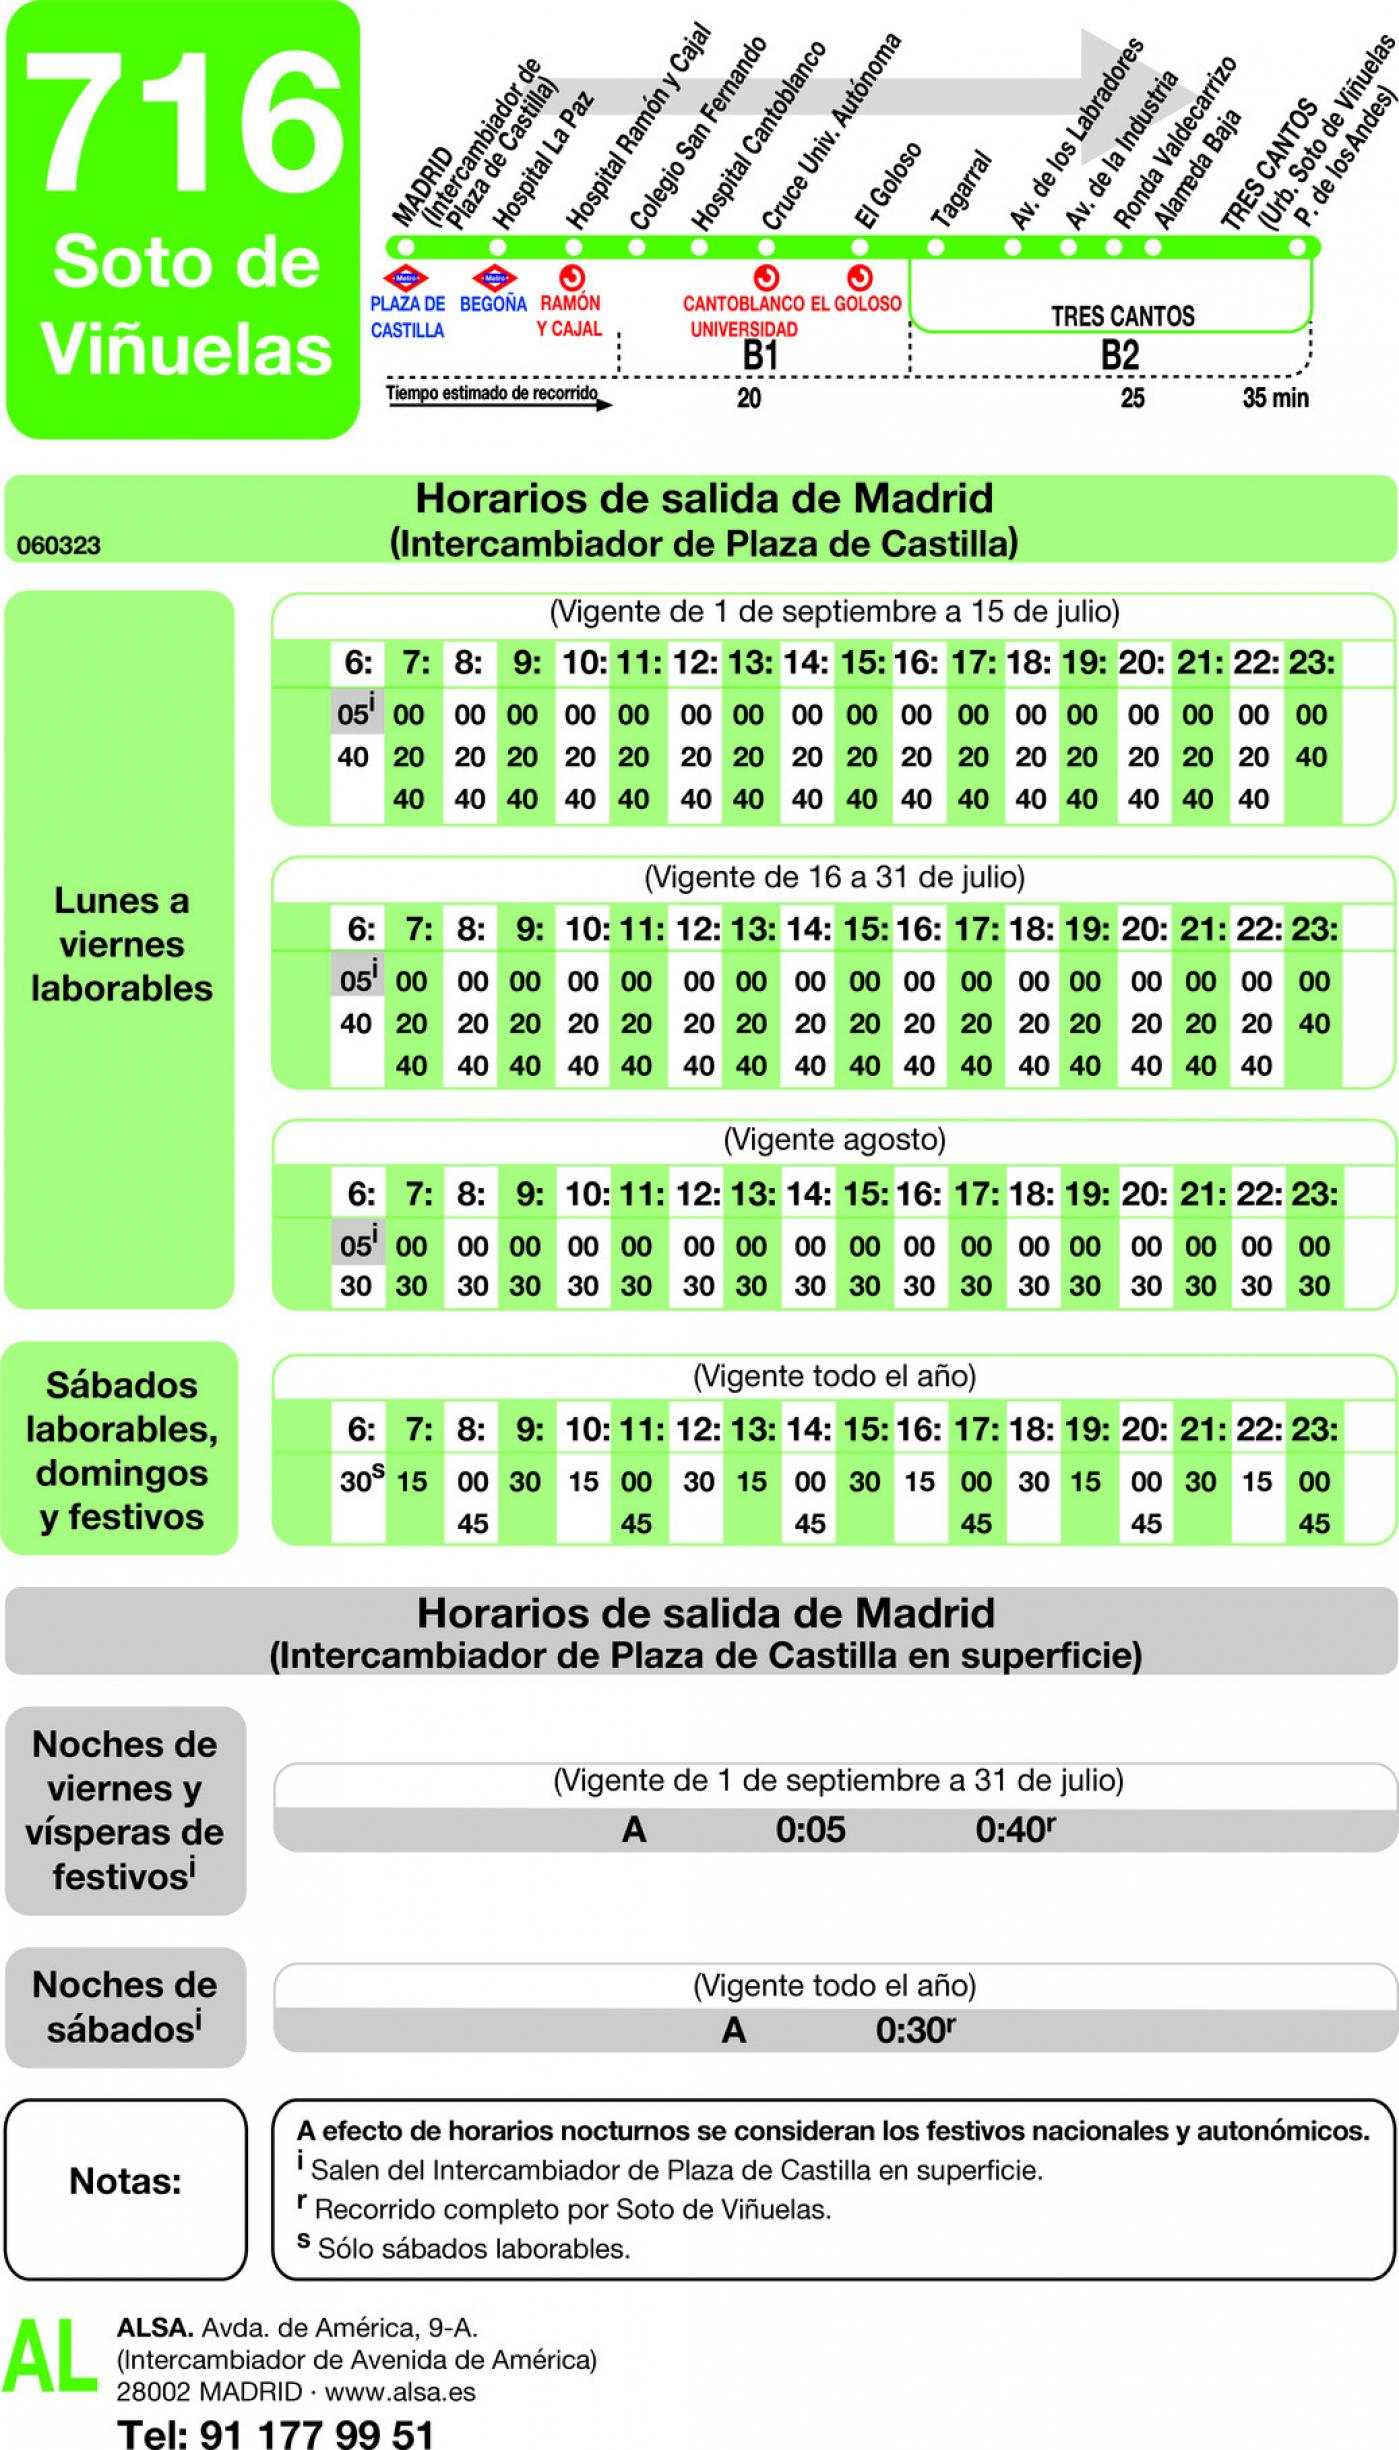 Tabla de horarios y frecuencias de paso en sentido ida Línea 716: Madrid (Plaza Castilla) - Tres Cantos (Soto de Viñuelas)